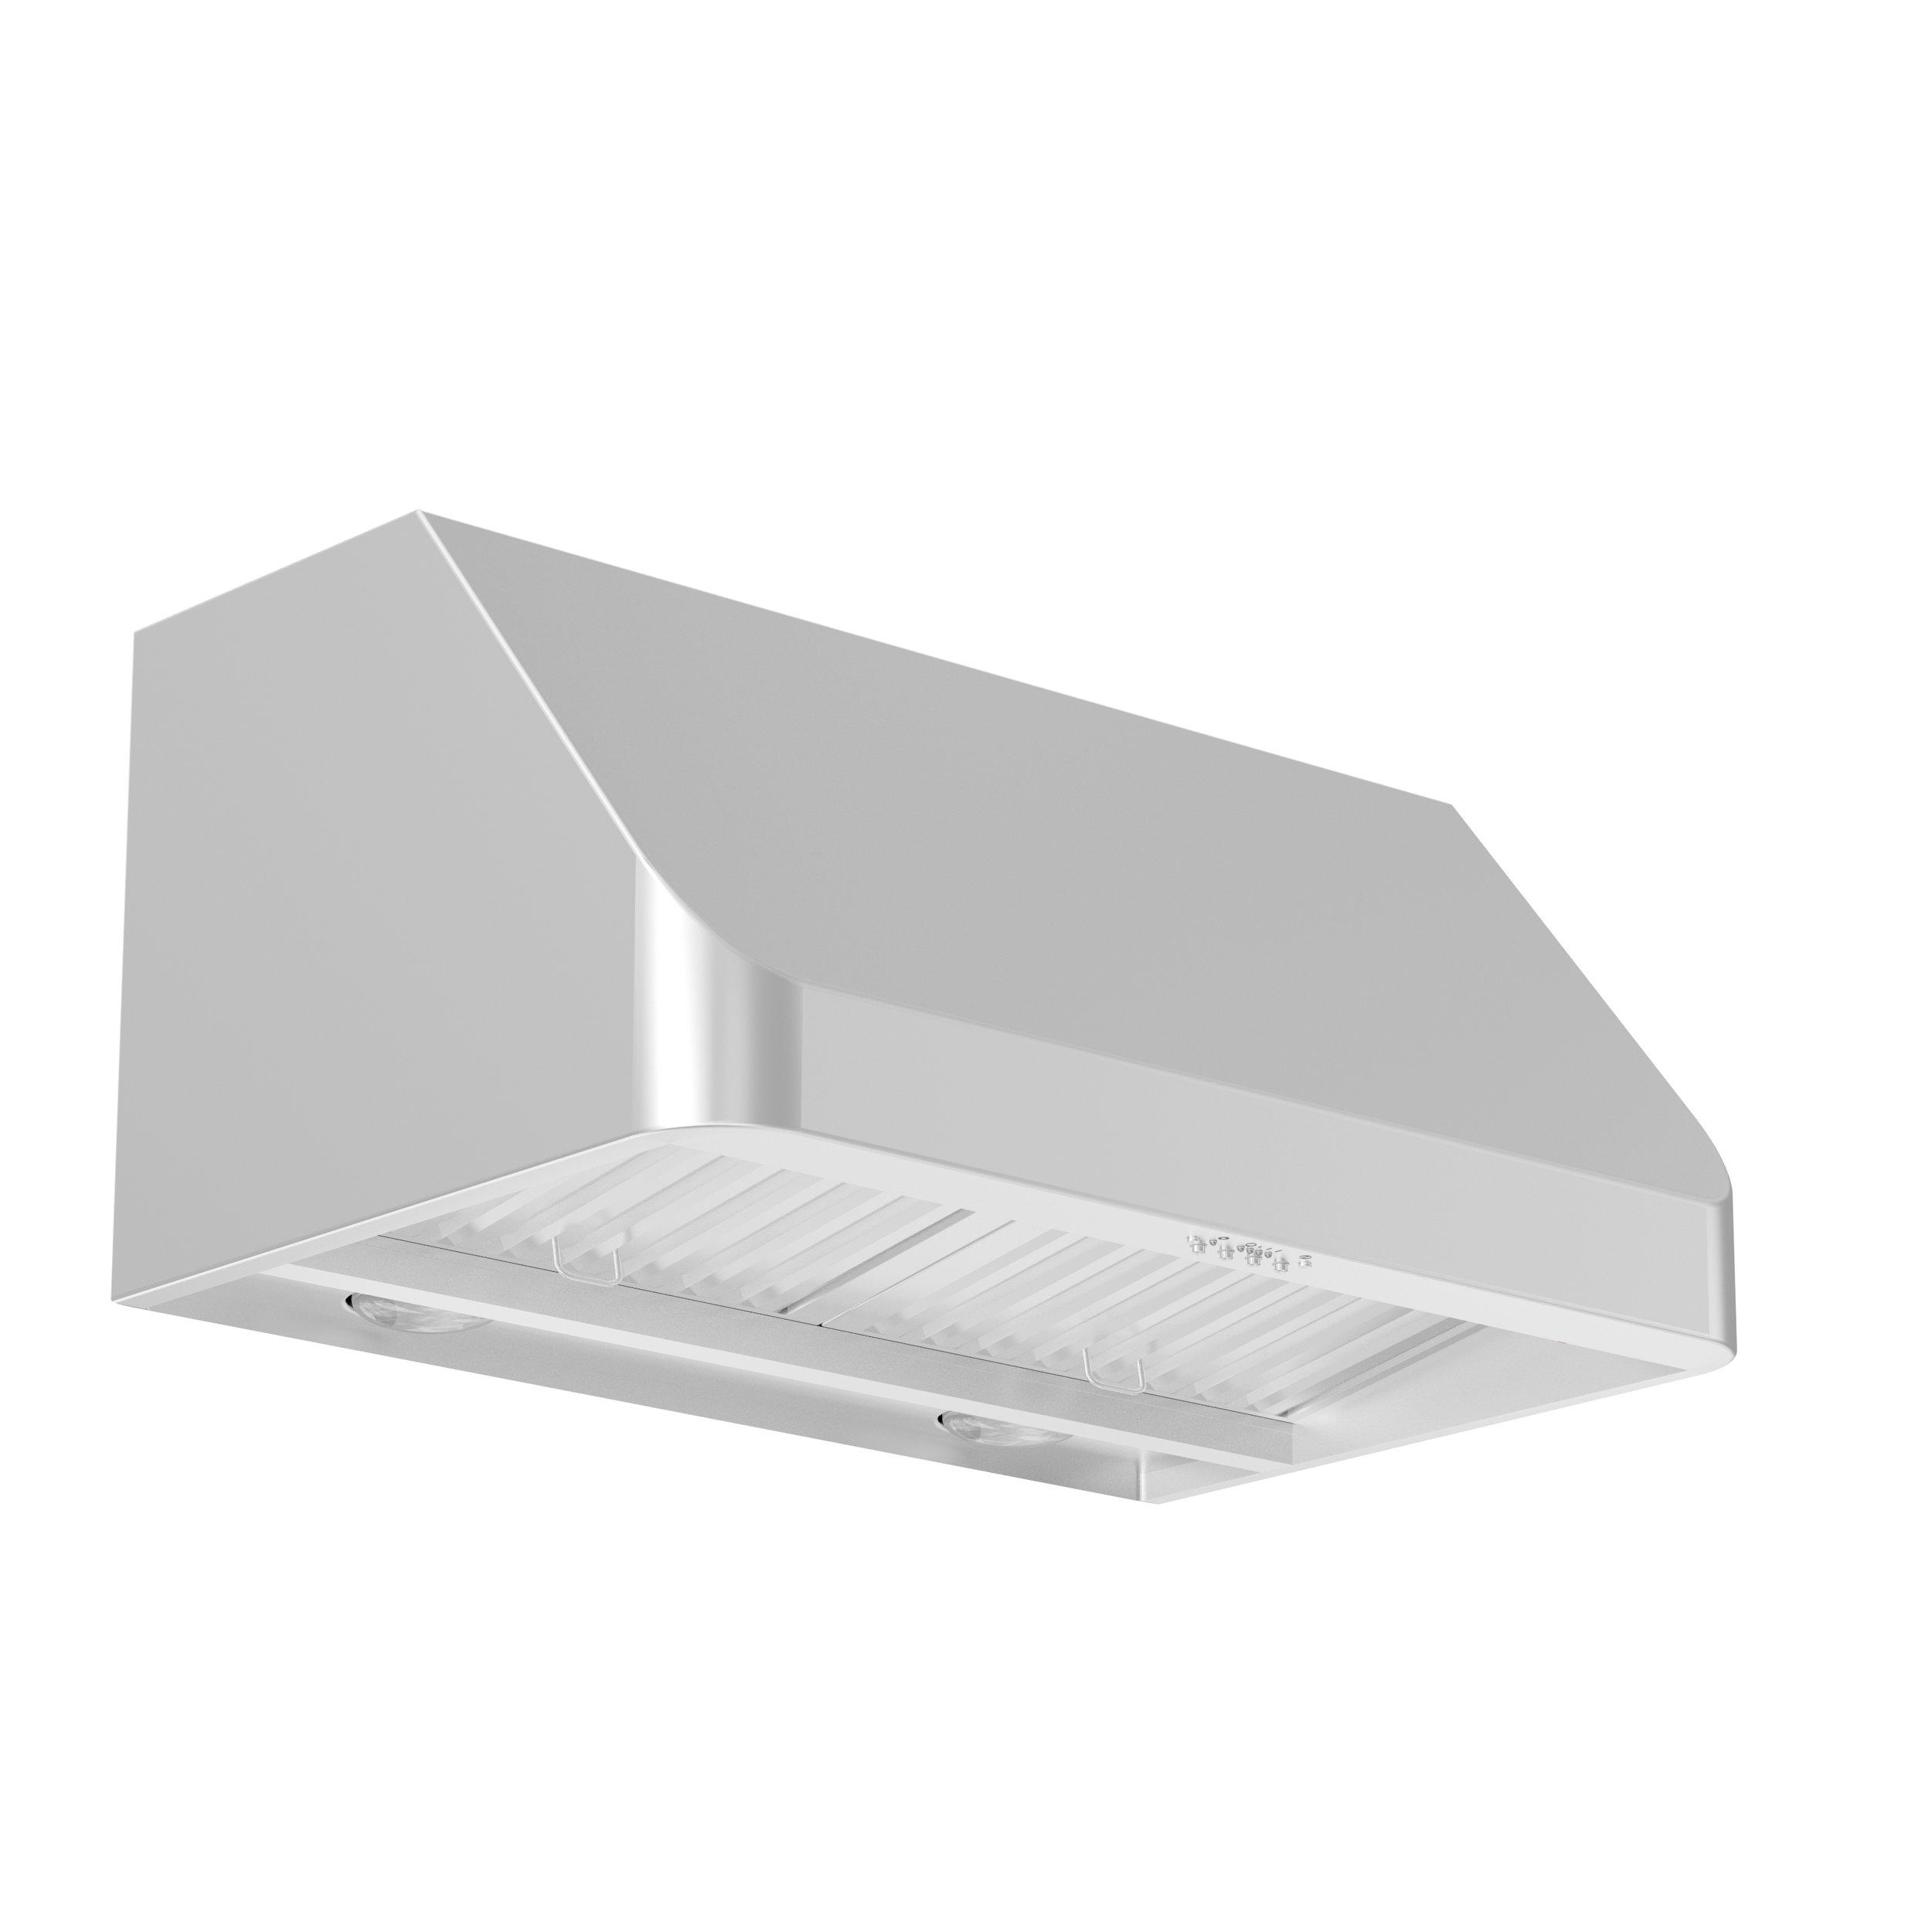 zline-stainless-steel-under-cabinet-range-hood-520-side-under.jpeg